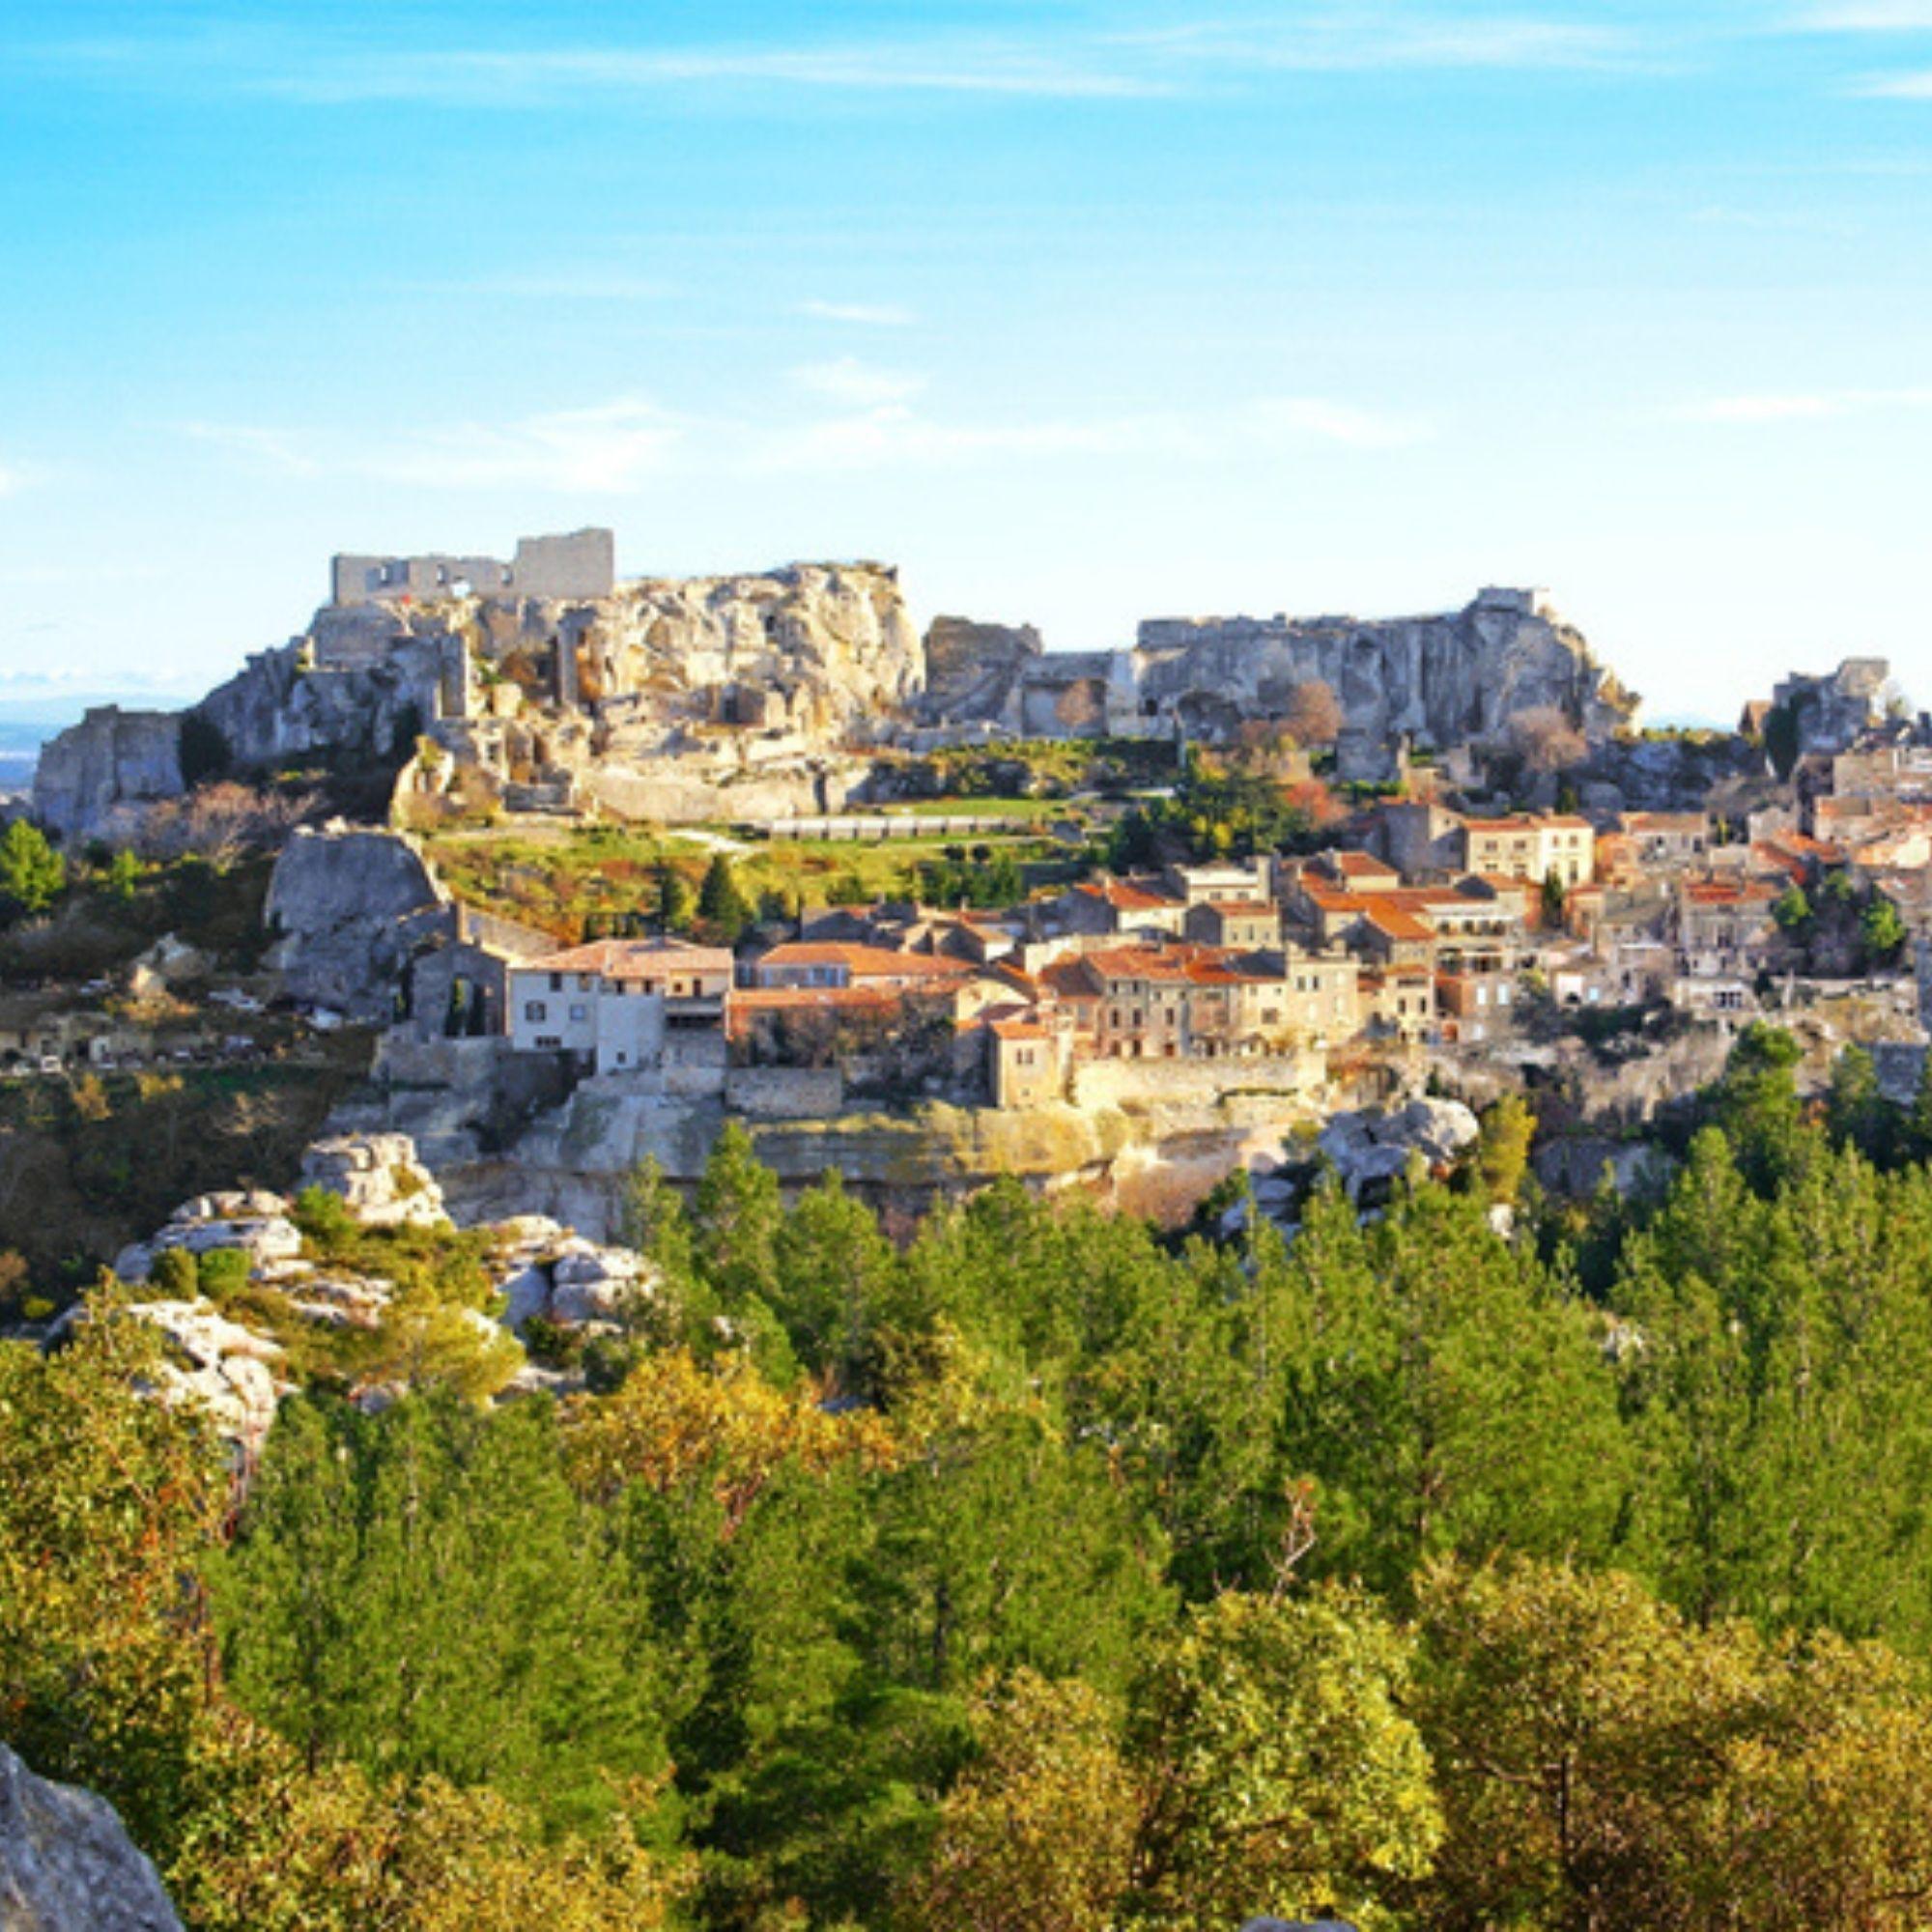 Les Baux de Provence - iStock